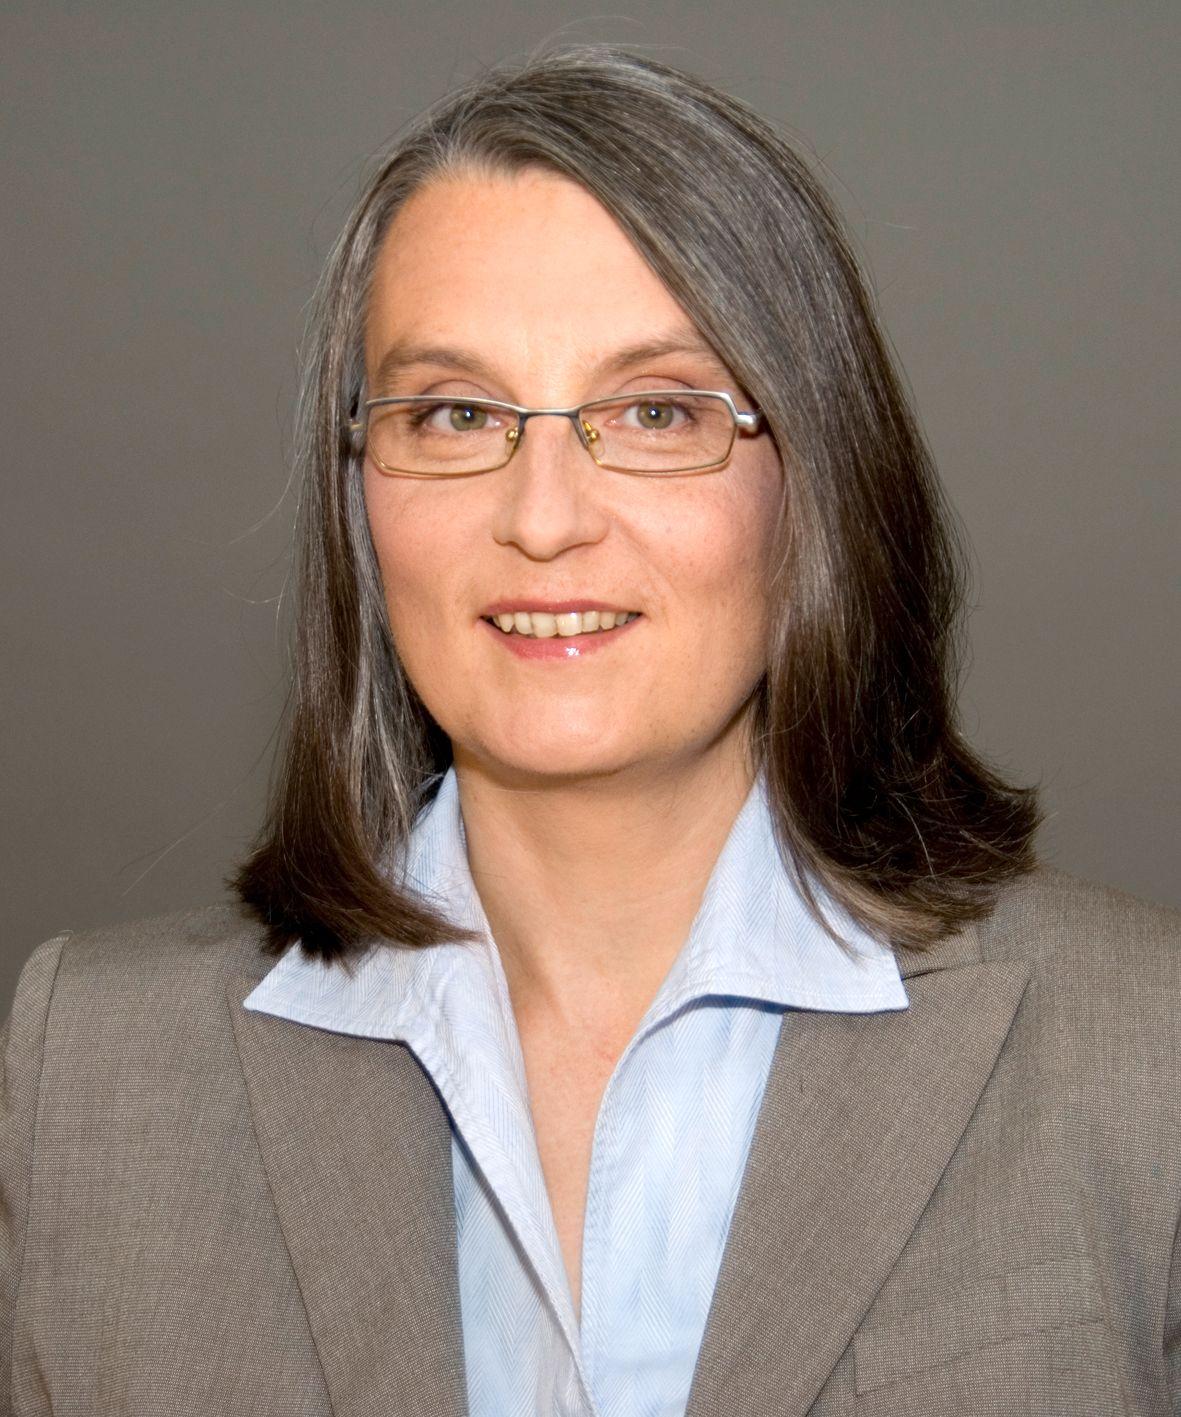 Renate Daum